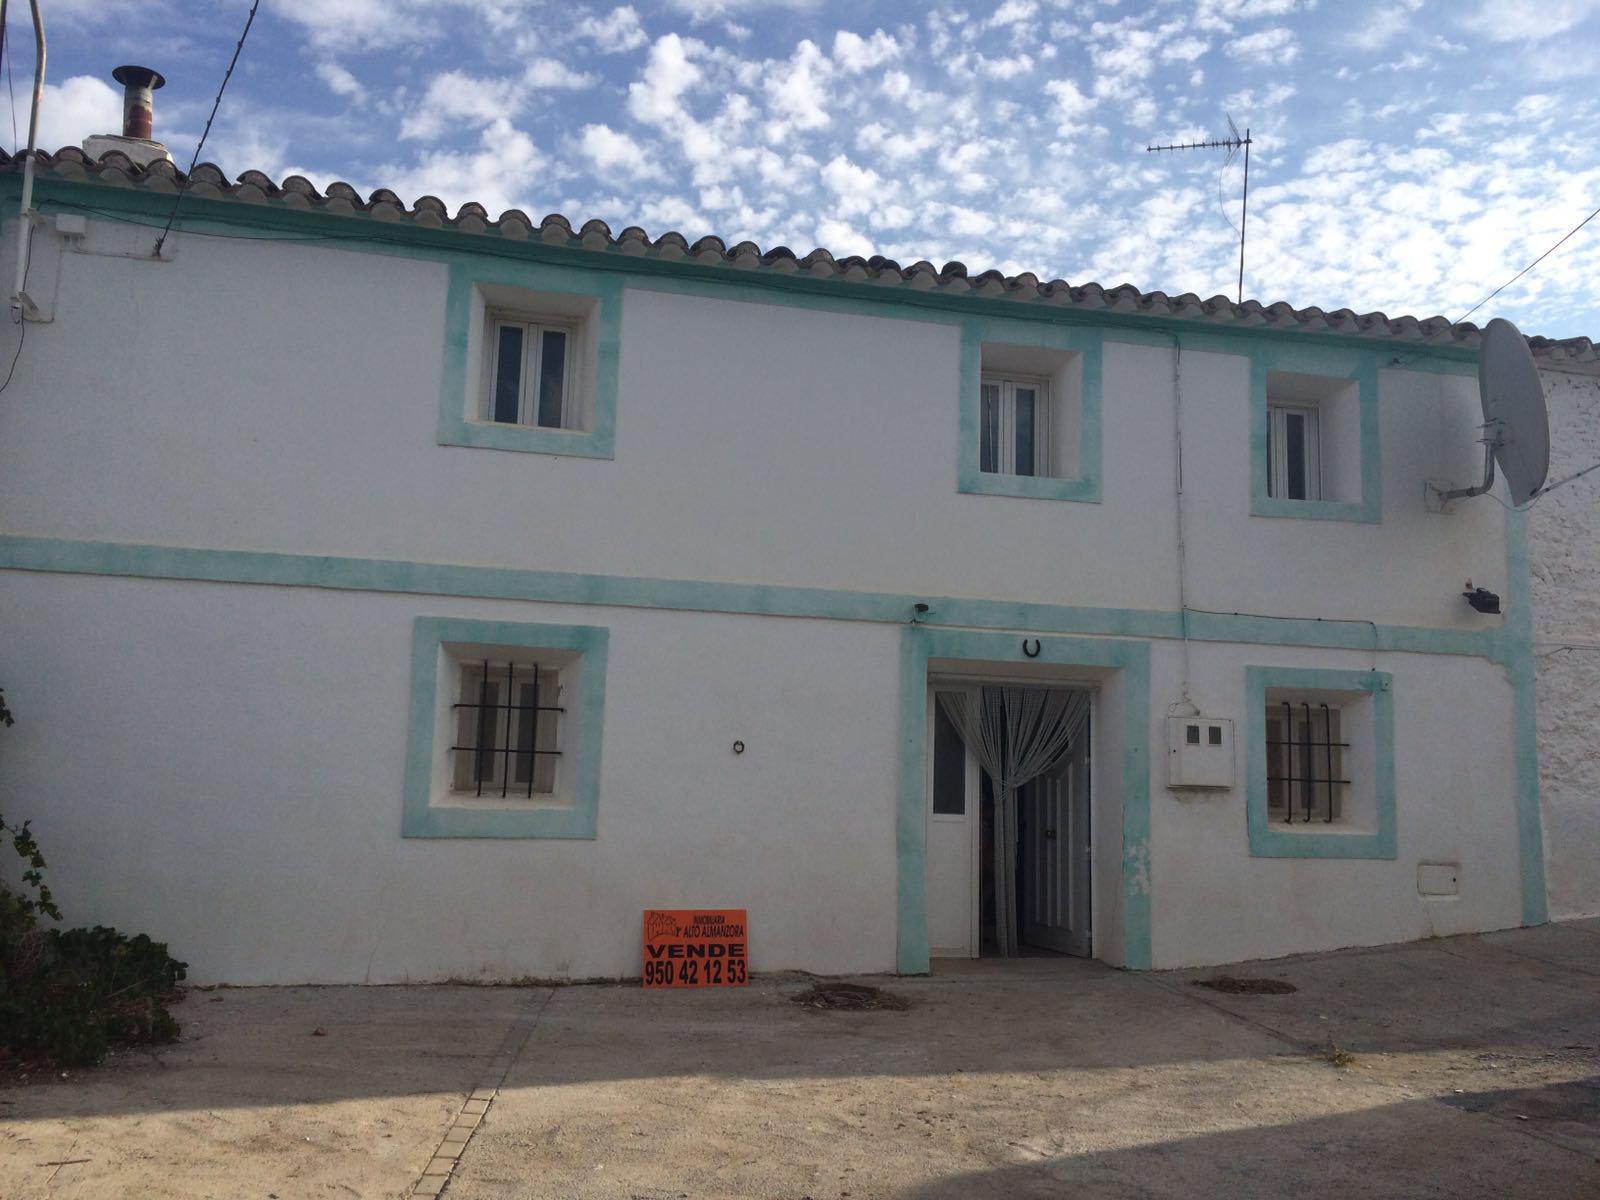 Casa de campo con piscina inmobiliaria alto almanzora for Piscinas para casas de campo